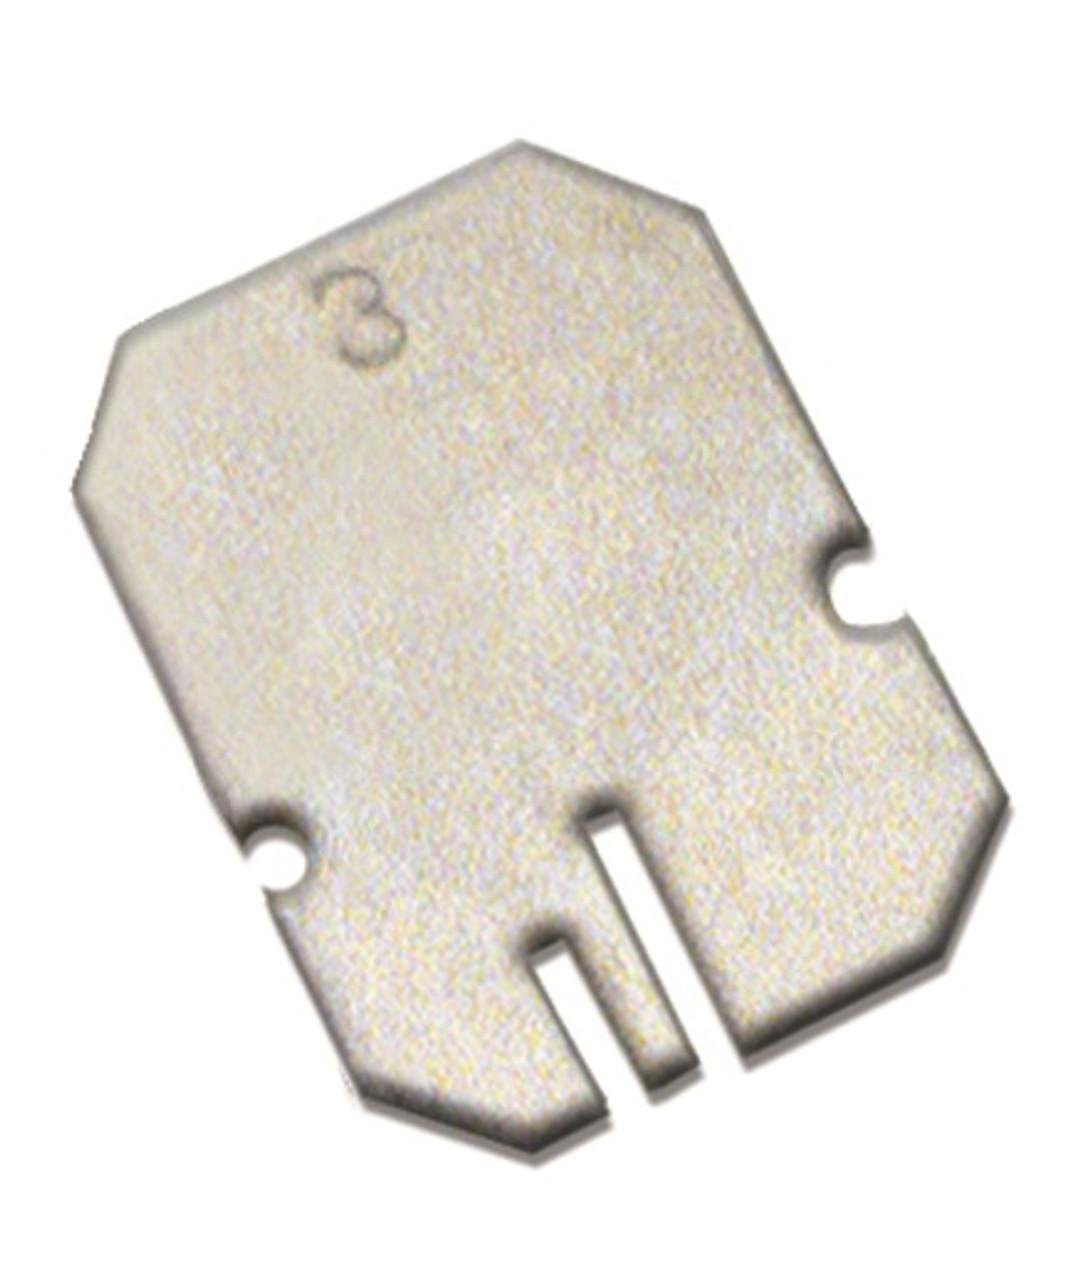 Garment Hook Master Key For Product Code BK-3, BK-3-MK